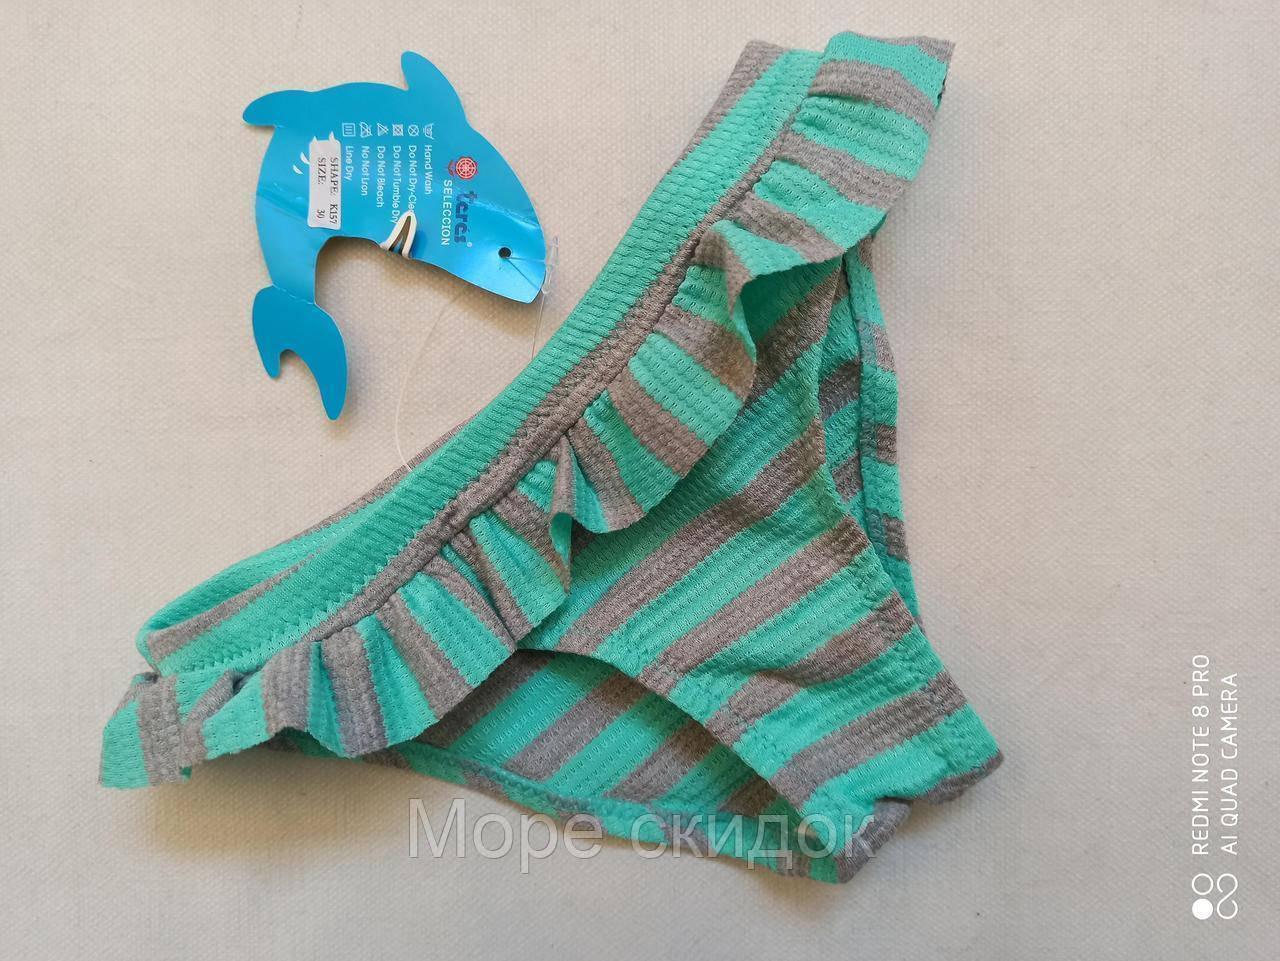 Плавки TERES для девочек Агата мята 1570 (в наличии  28 30 32 размеры)